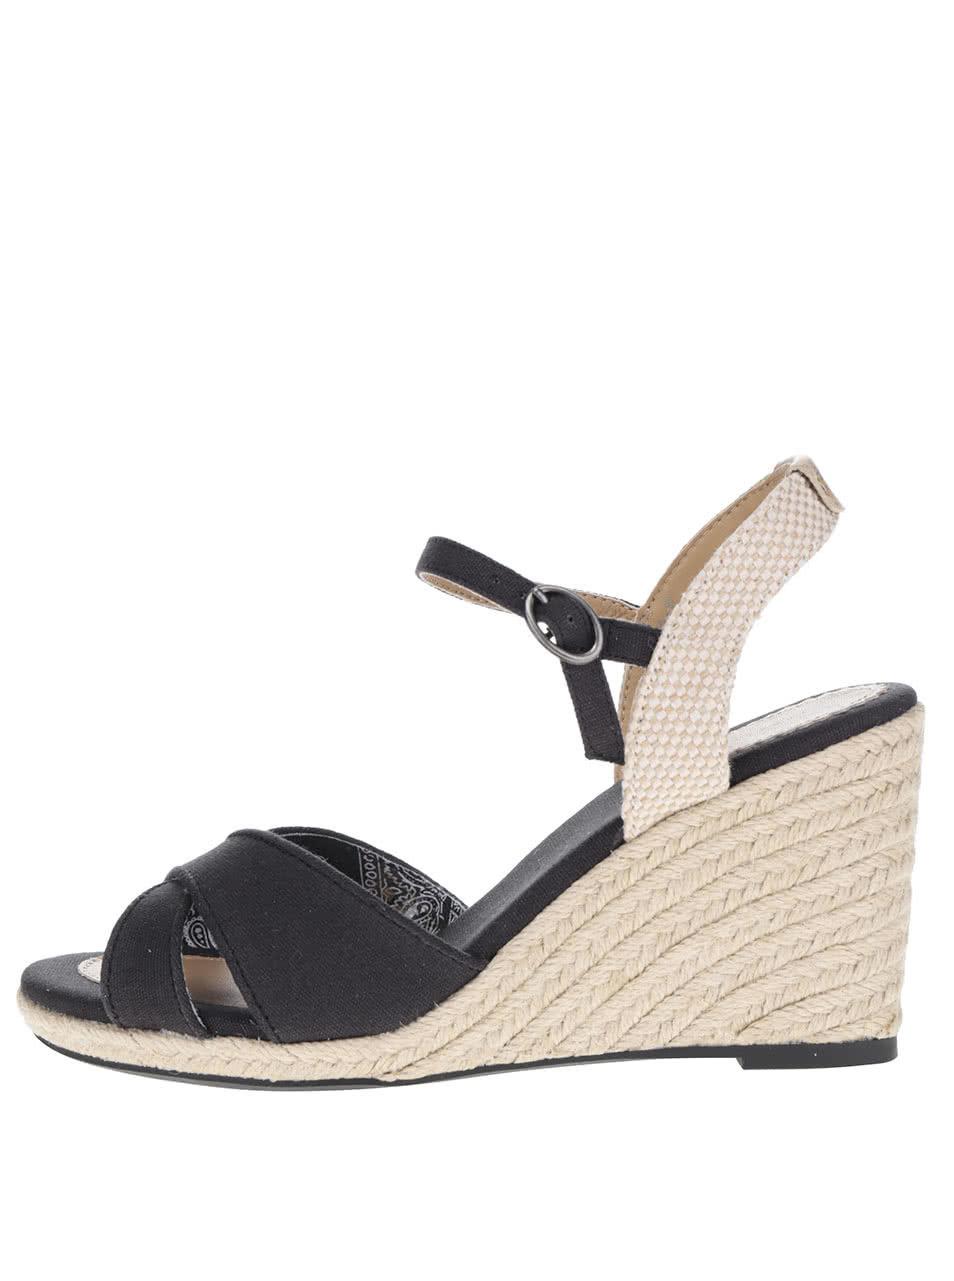 1379b1738d37 Čierne dámske sandále na klinovom podpätku Pepe Jeans Shark Basic ...